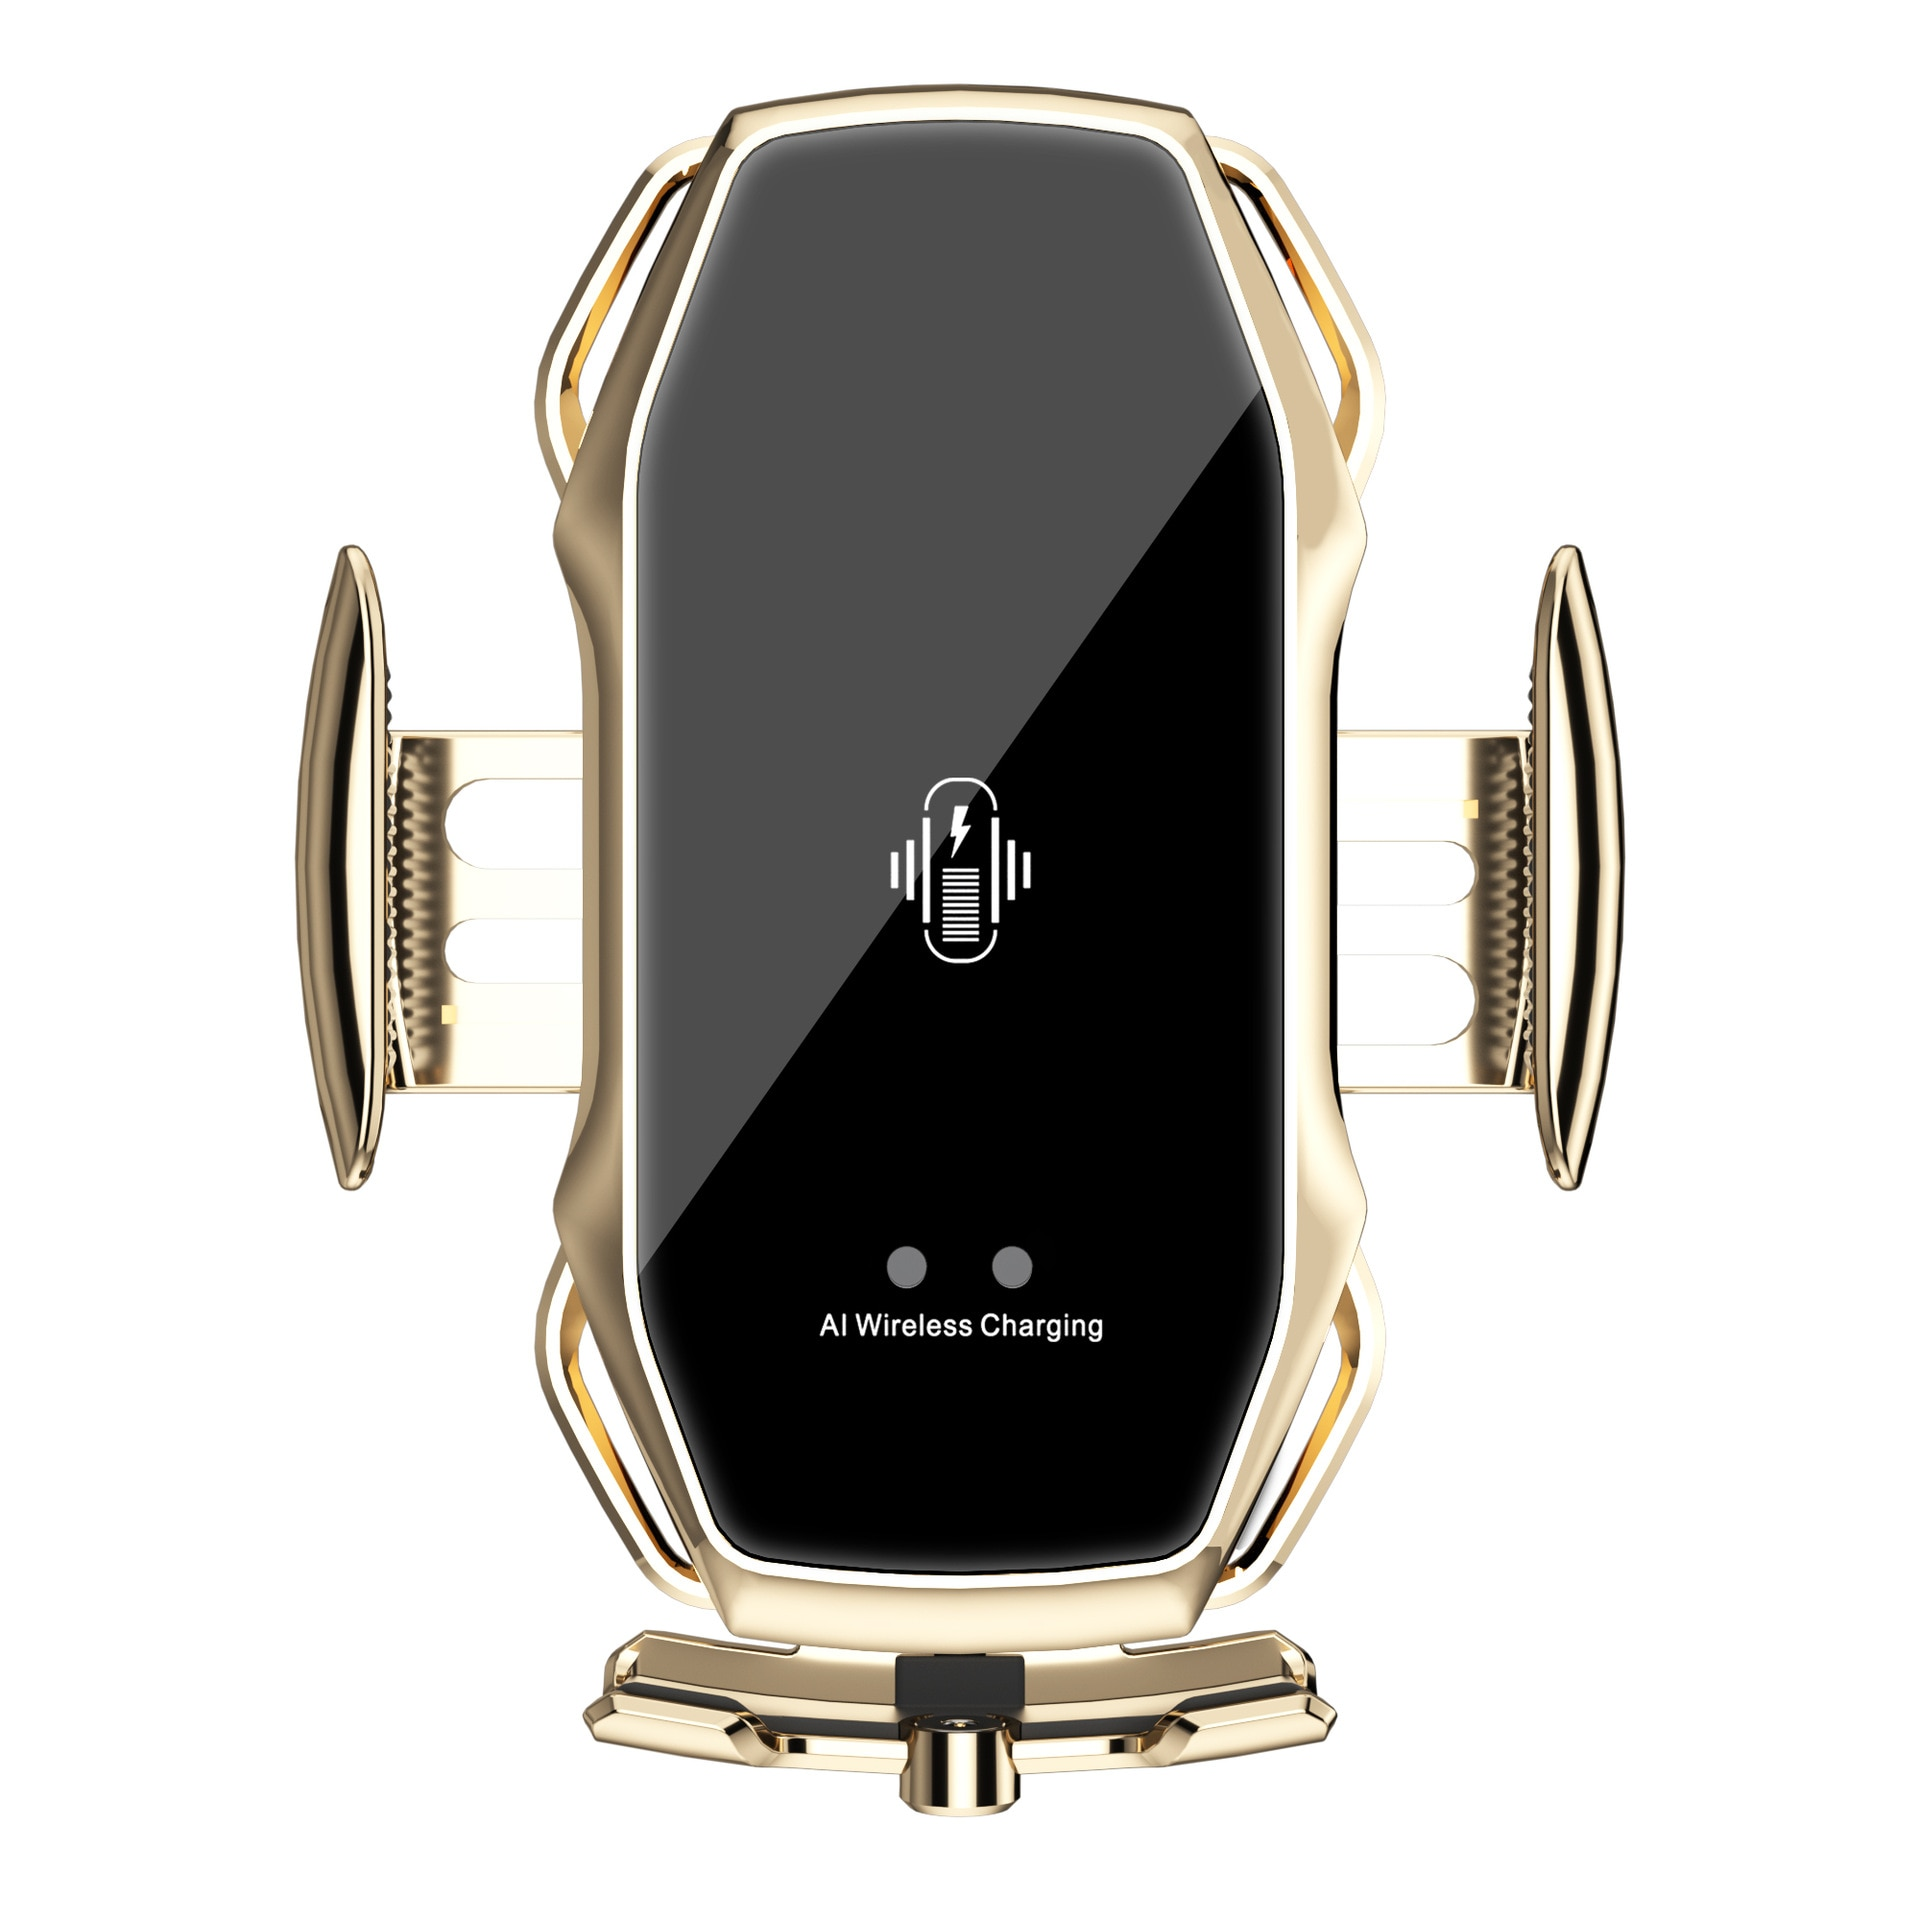 ماجيك كليب A5S حامل هاتف السيارة اللاسلكية شحن موبايل جبل العالمي المغناطيسي الأشعة تحت الحمراء التعريفي حامل هاتف